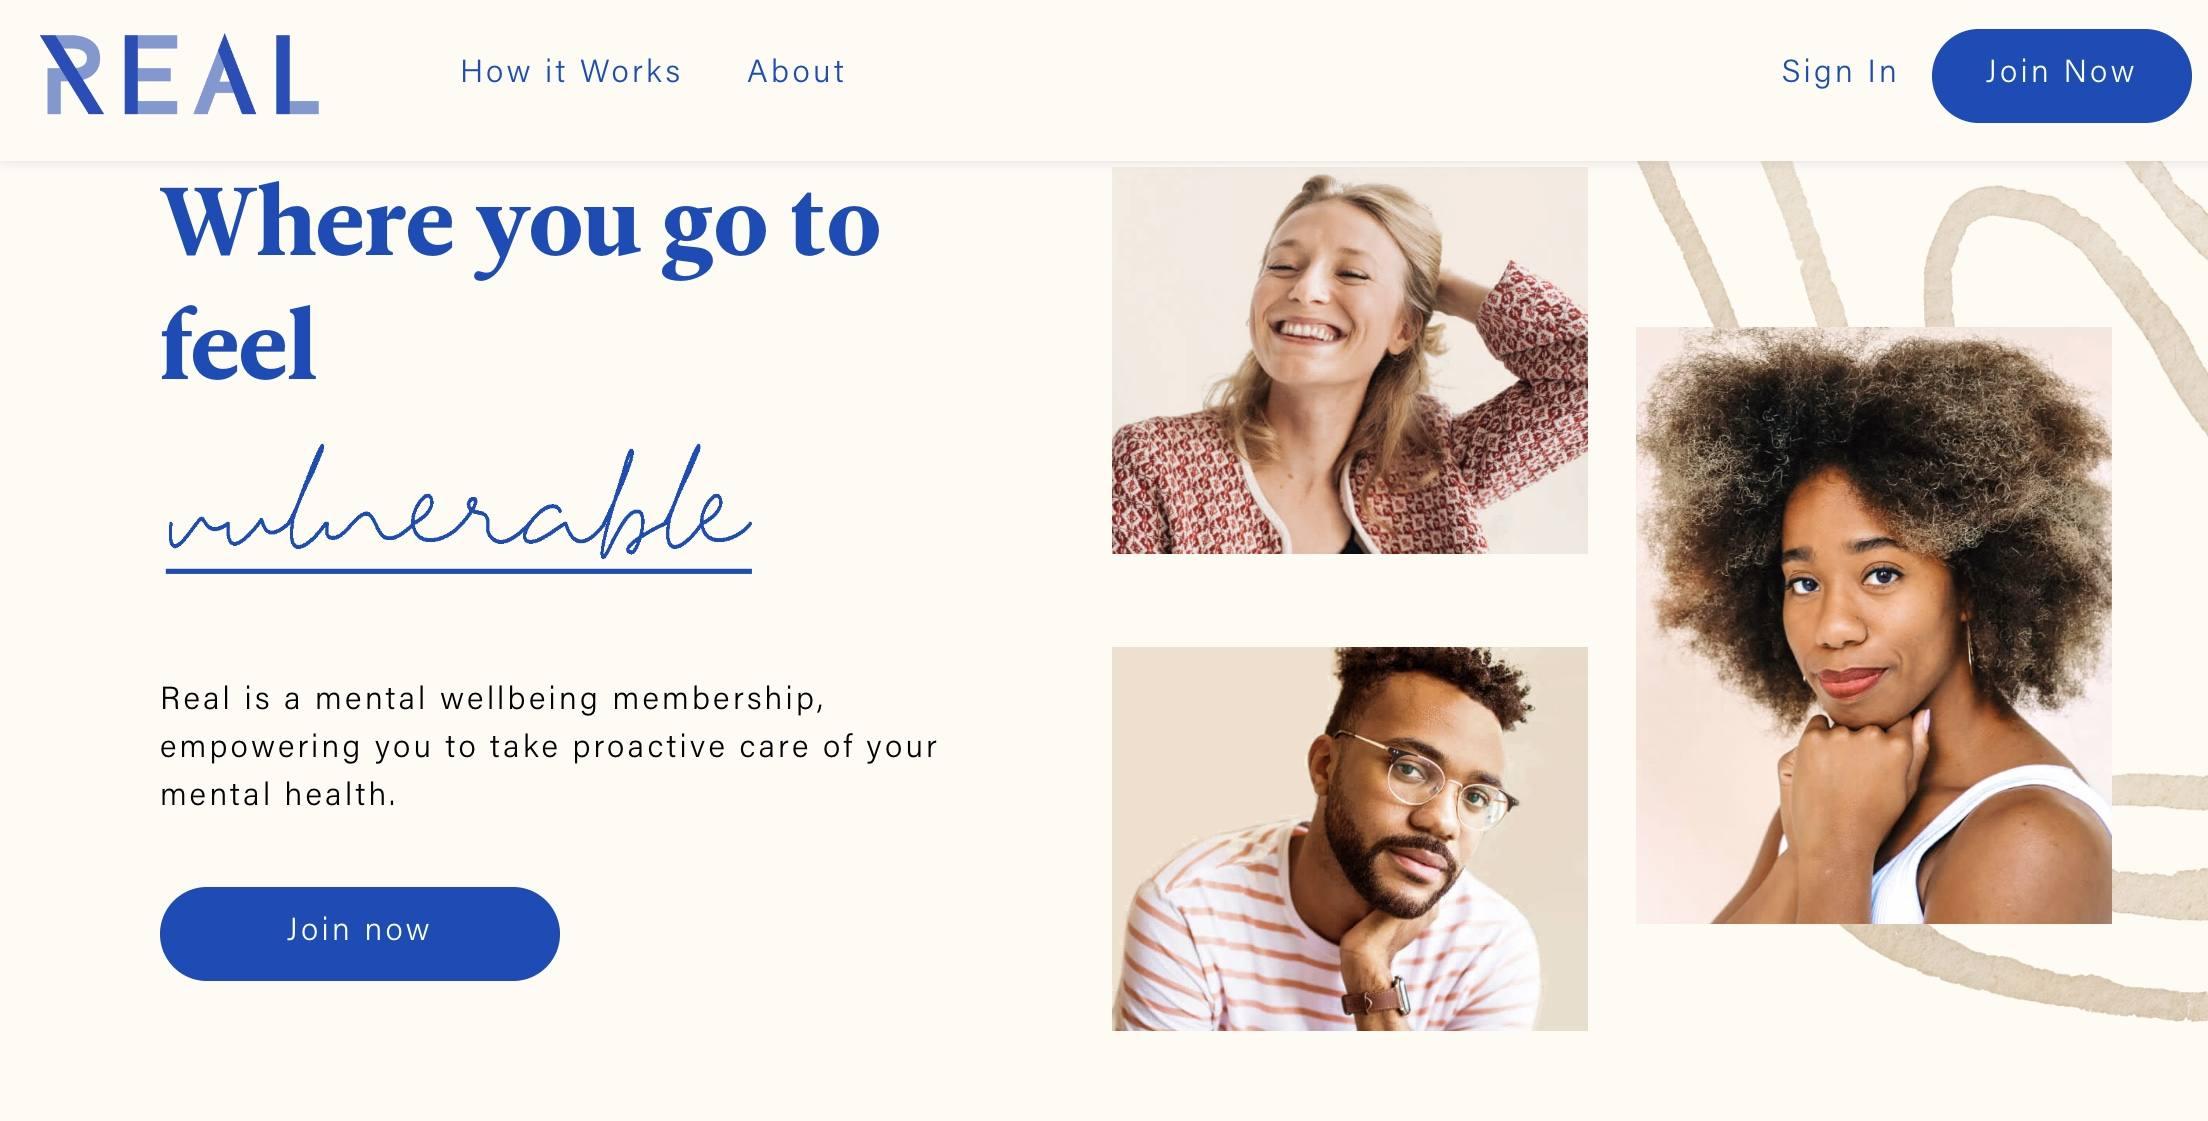 线上圈子帮你缓解抑郁,心理健康医疗公司Real获超1000万美元A轮融资